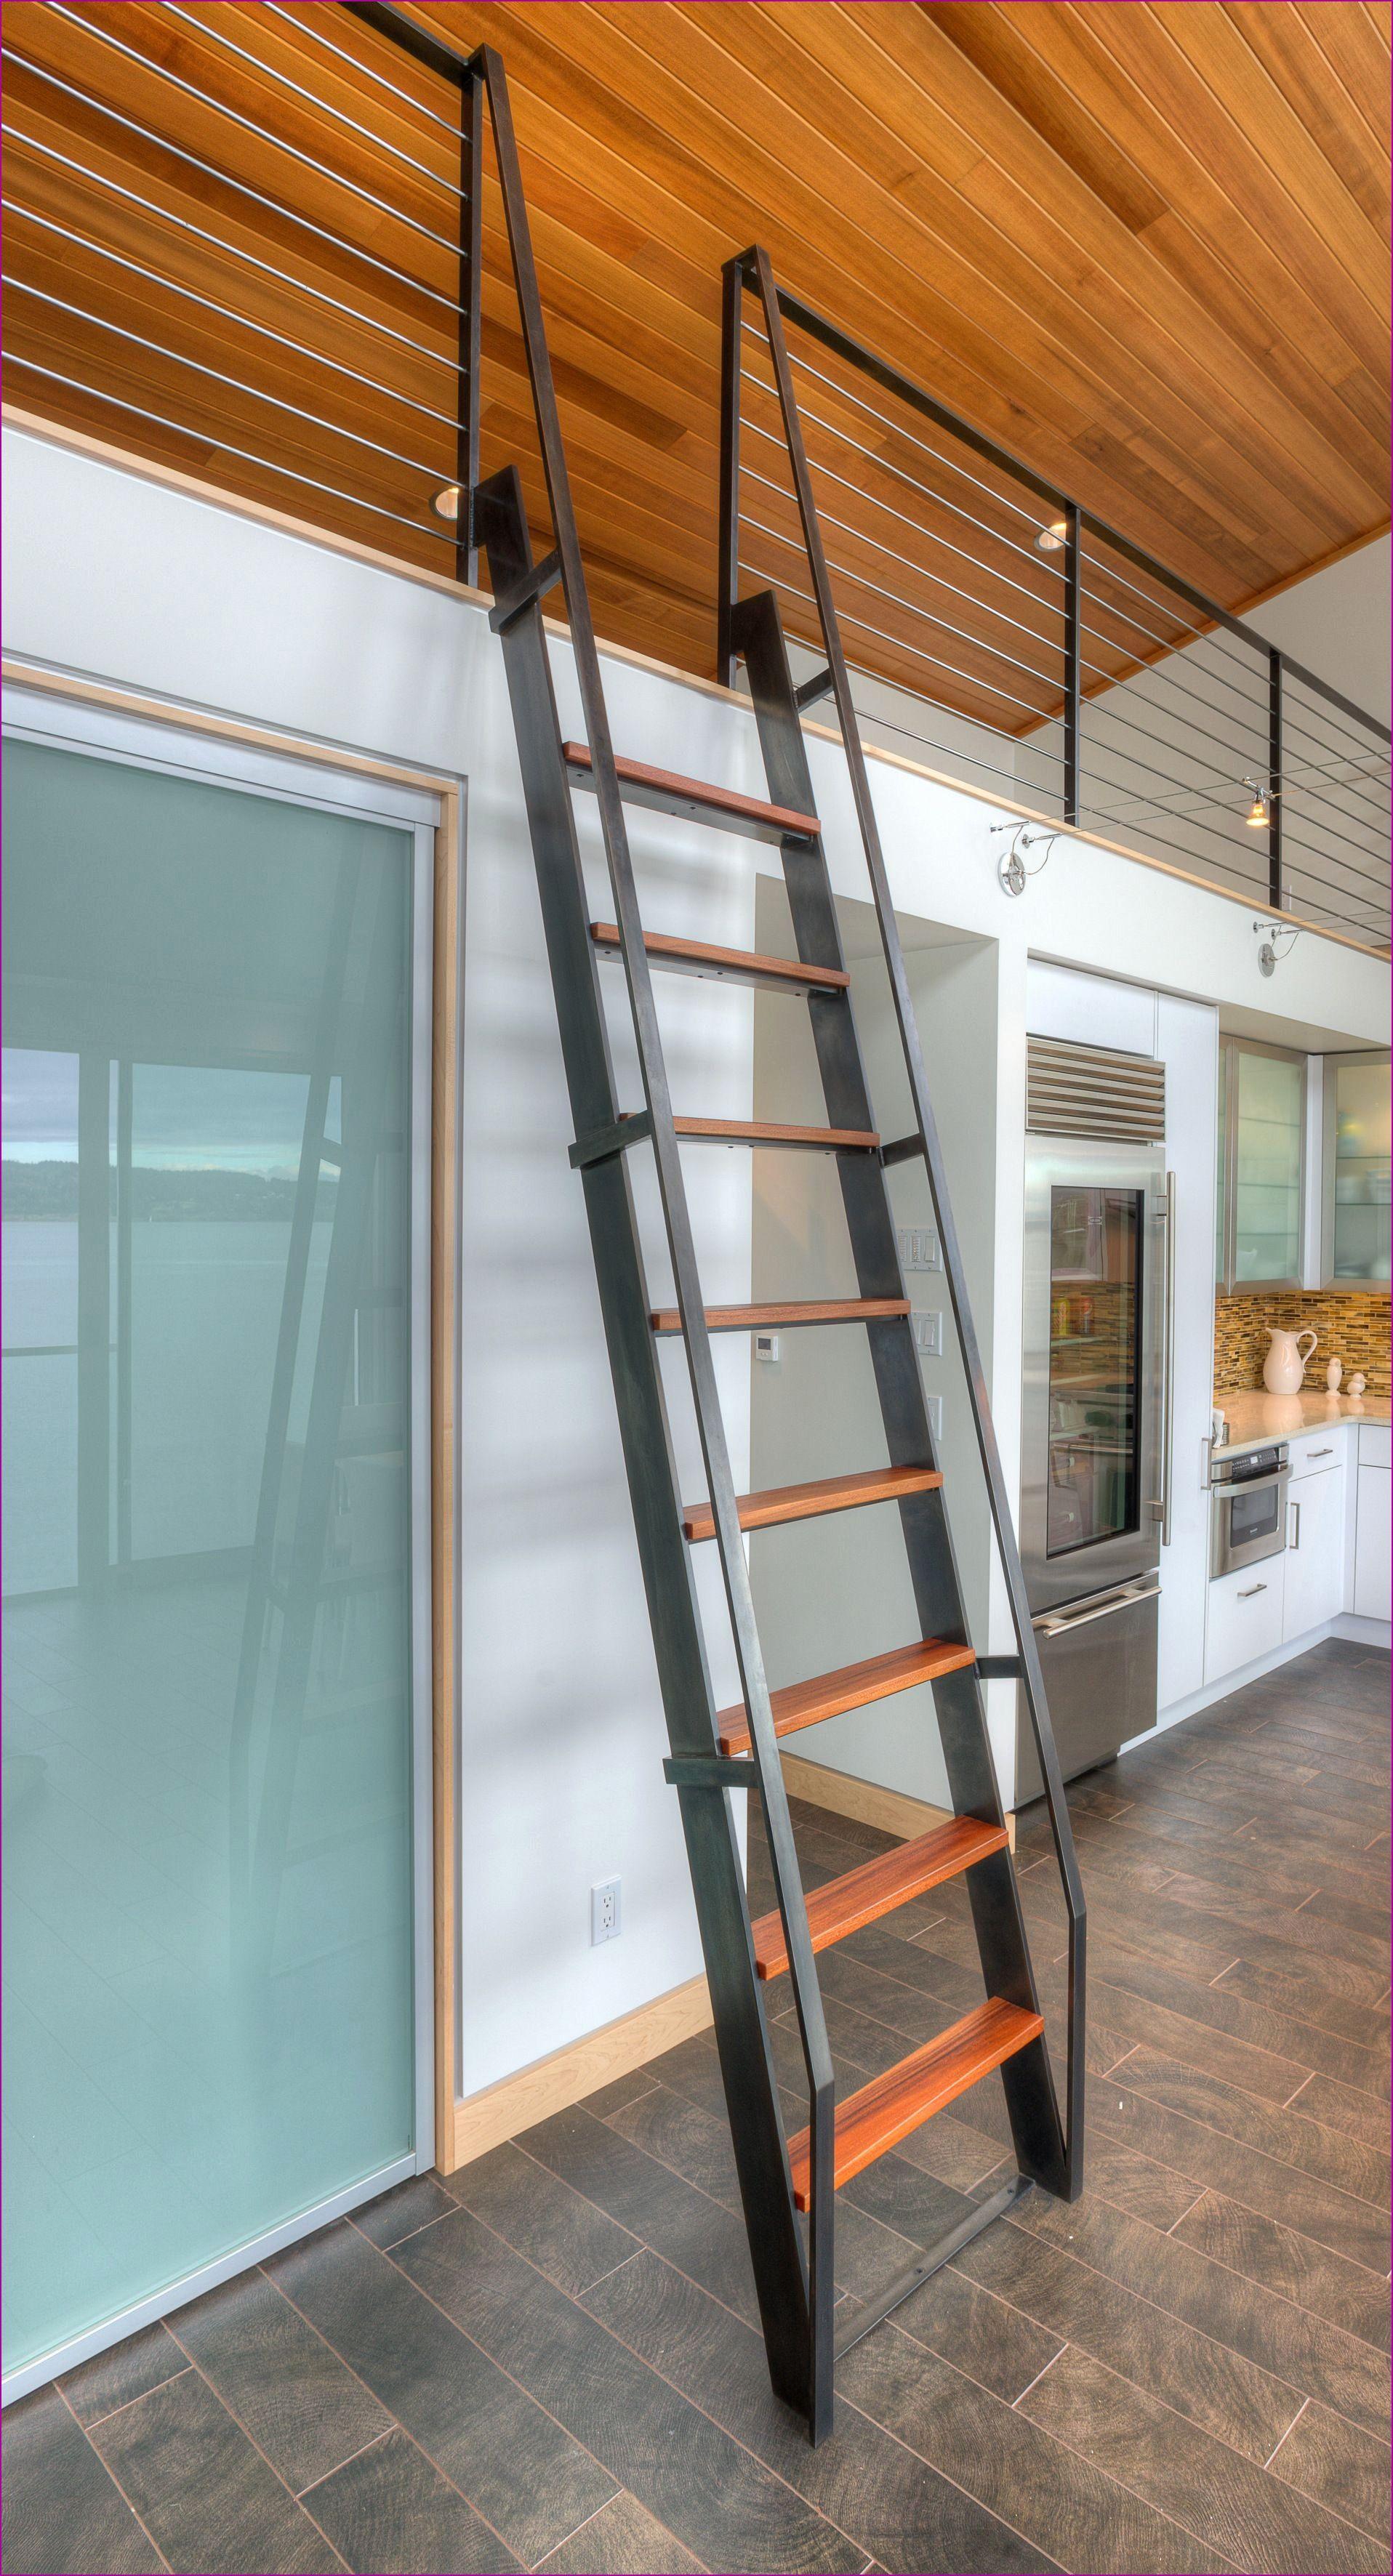 Escalier Escamotable Pour Mezzanine Naturel Echelle Escamotable Mezzanine Frais Echelle Escamotable Cast En 2020 Escalier Escamotable Escalier De Loft Echelle Escalier